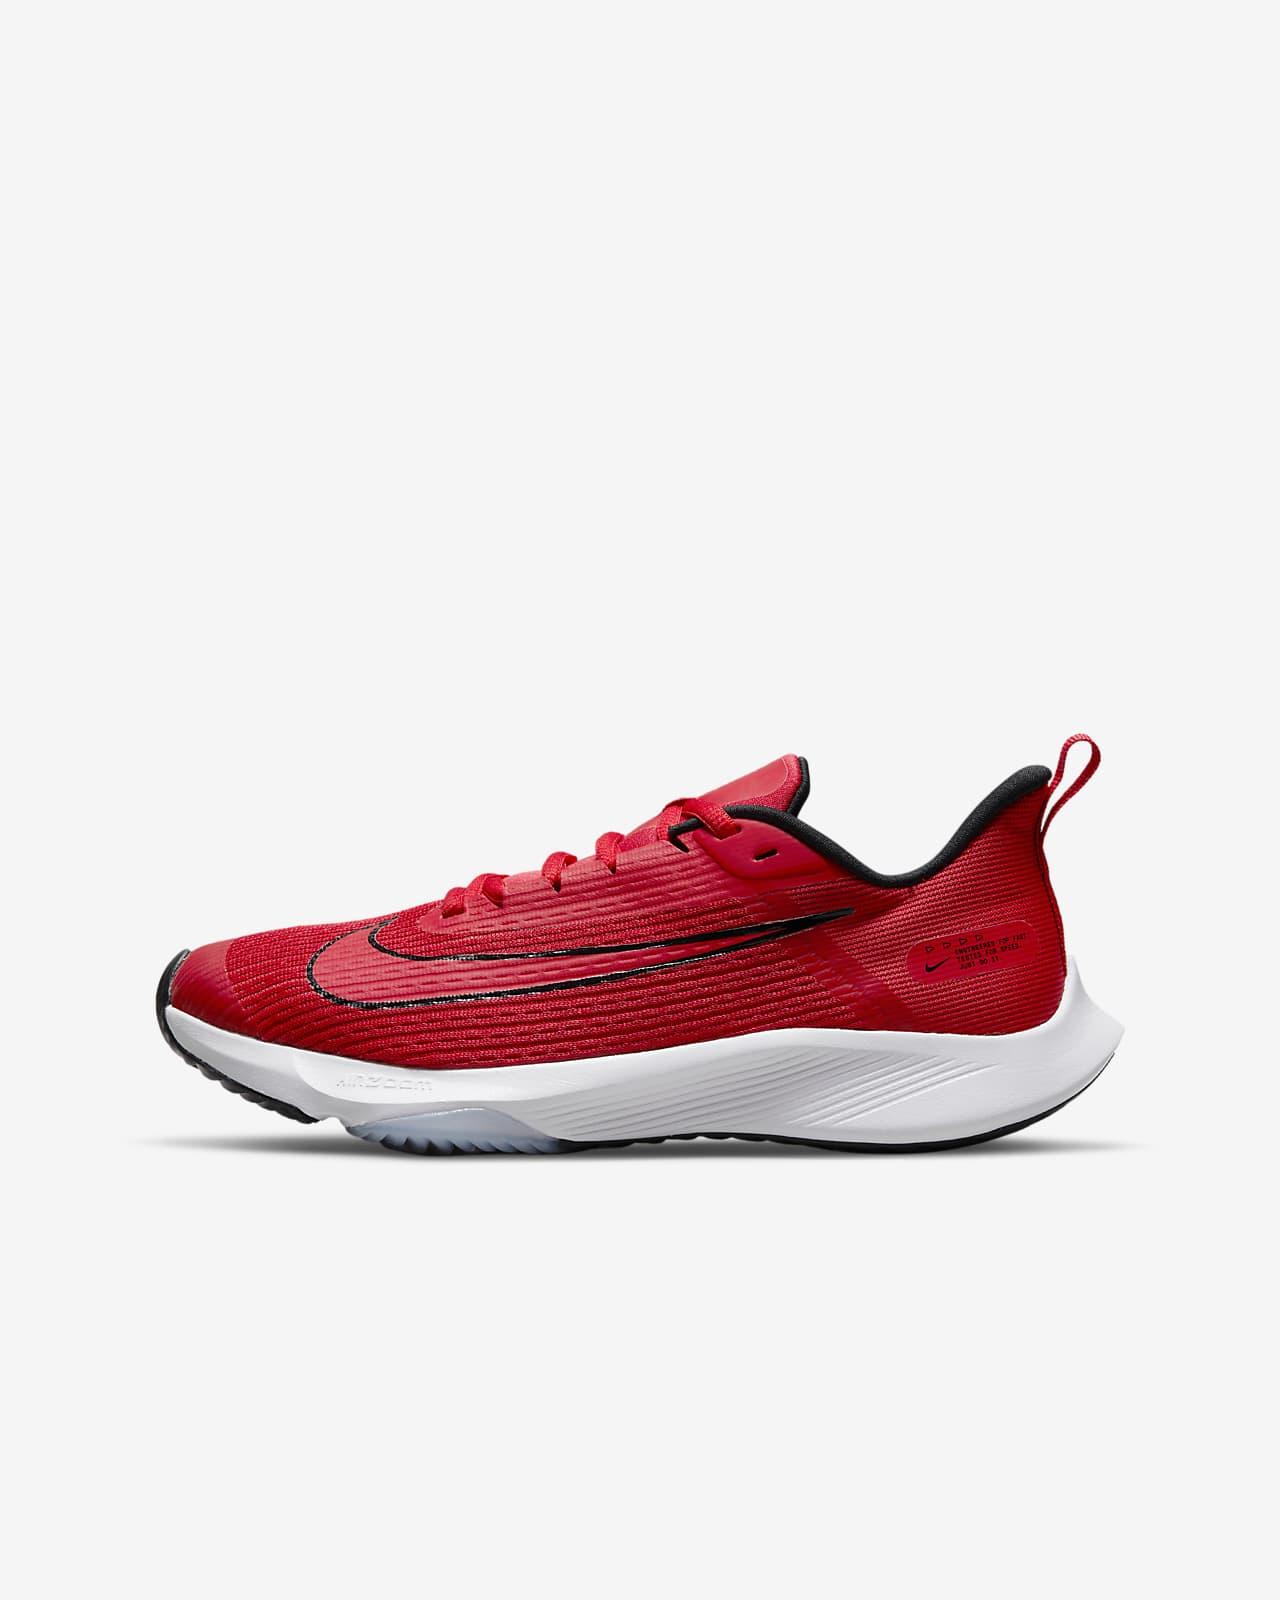 Běžecká bota Nike Air Zoom Speed 2 pro malé avětší děti